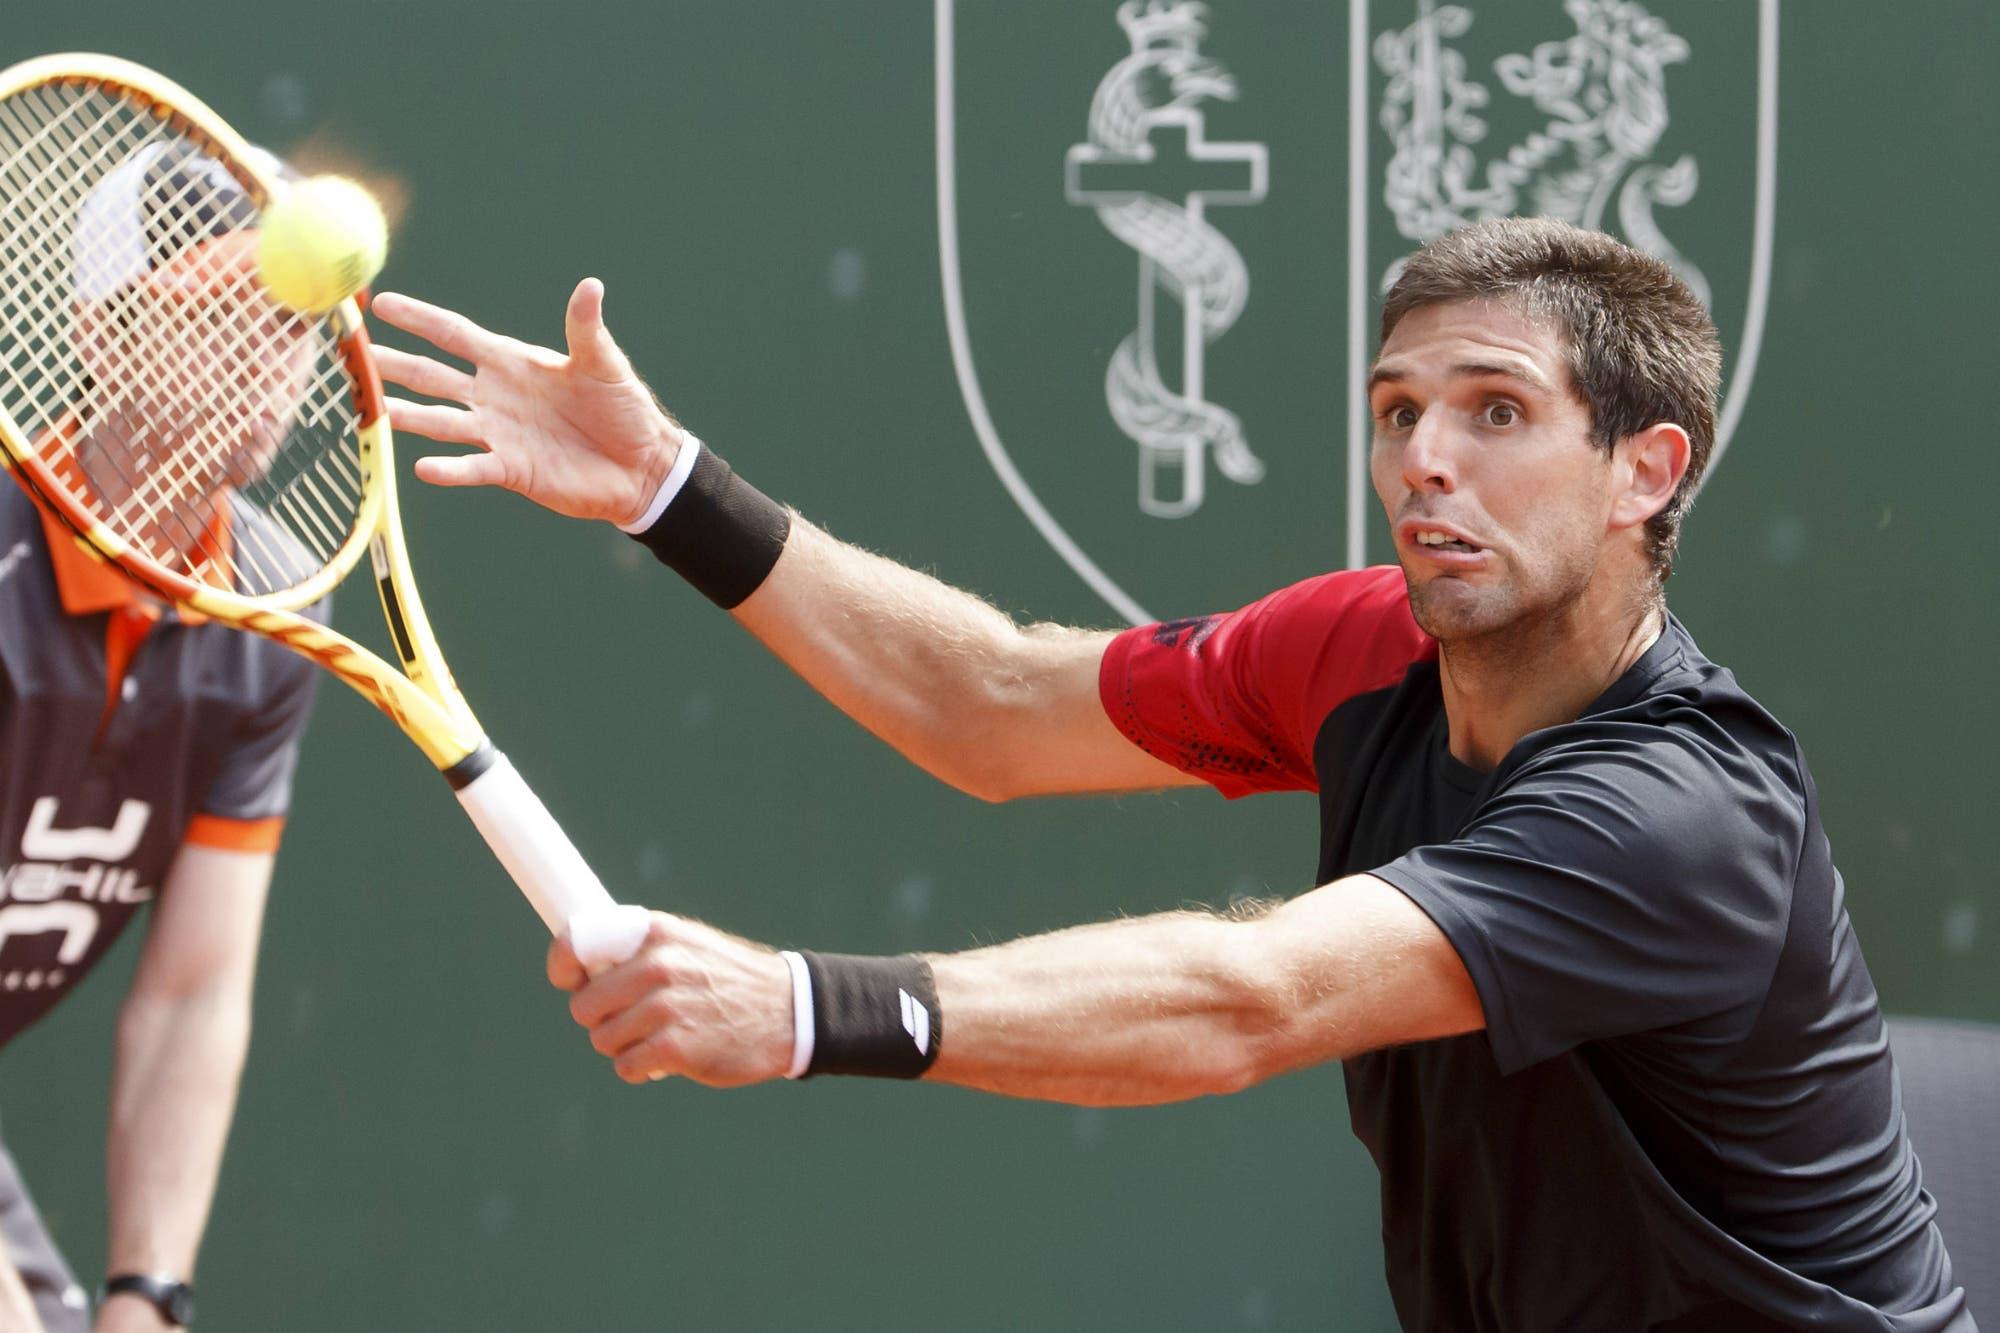 Delbonis levantó 3 match points ante un semifinalista de Roland Garros y avanza en Hamburgo